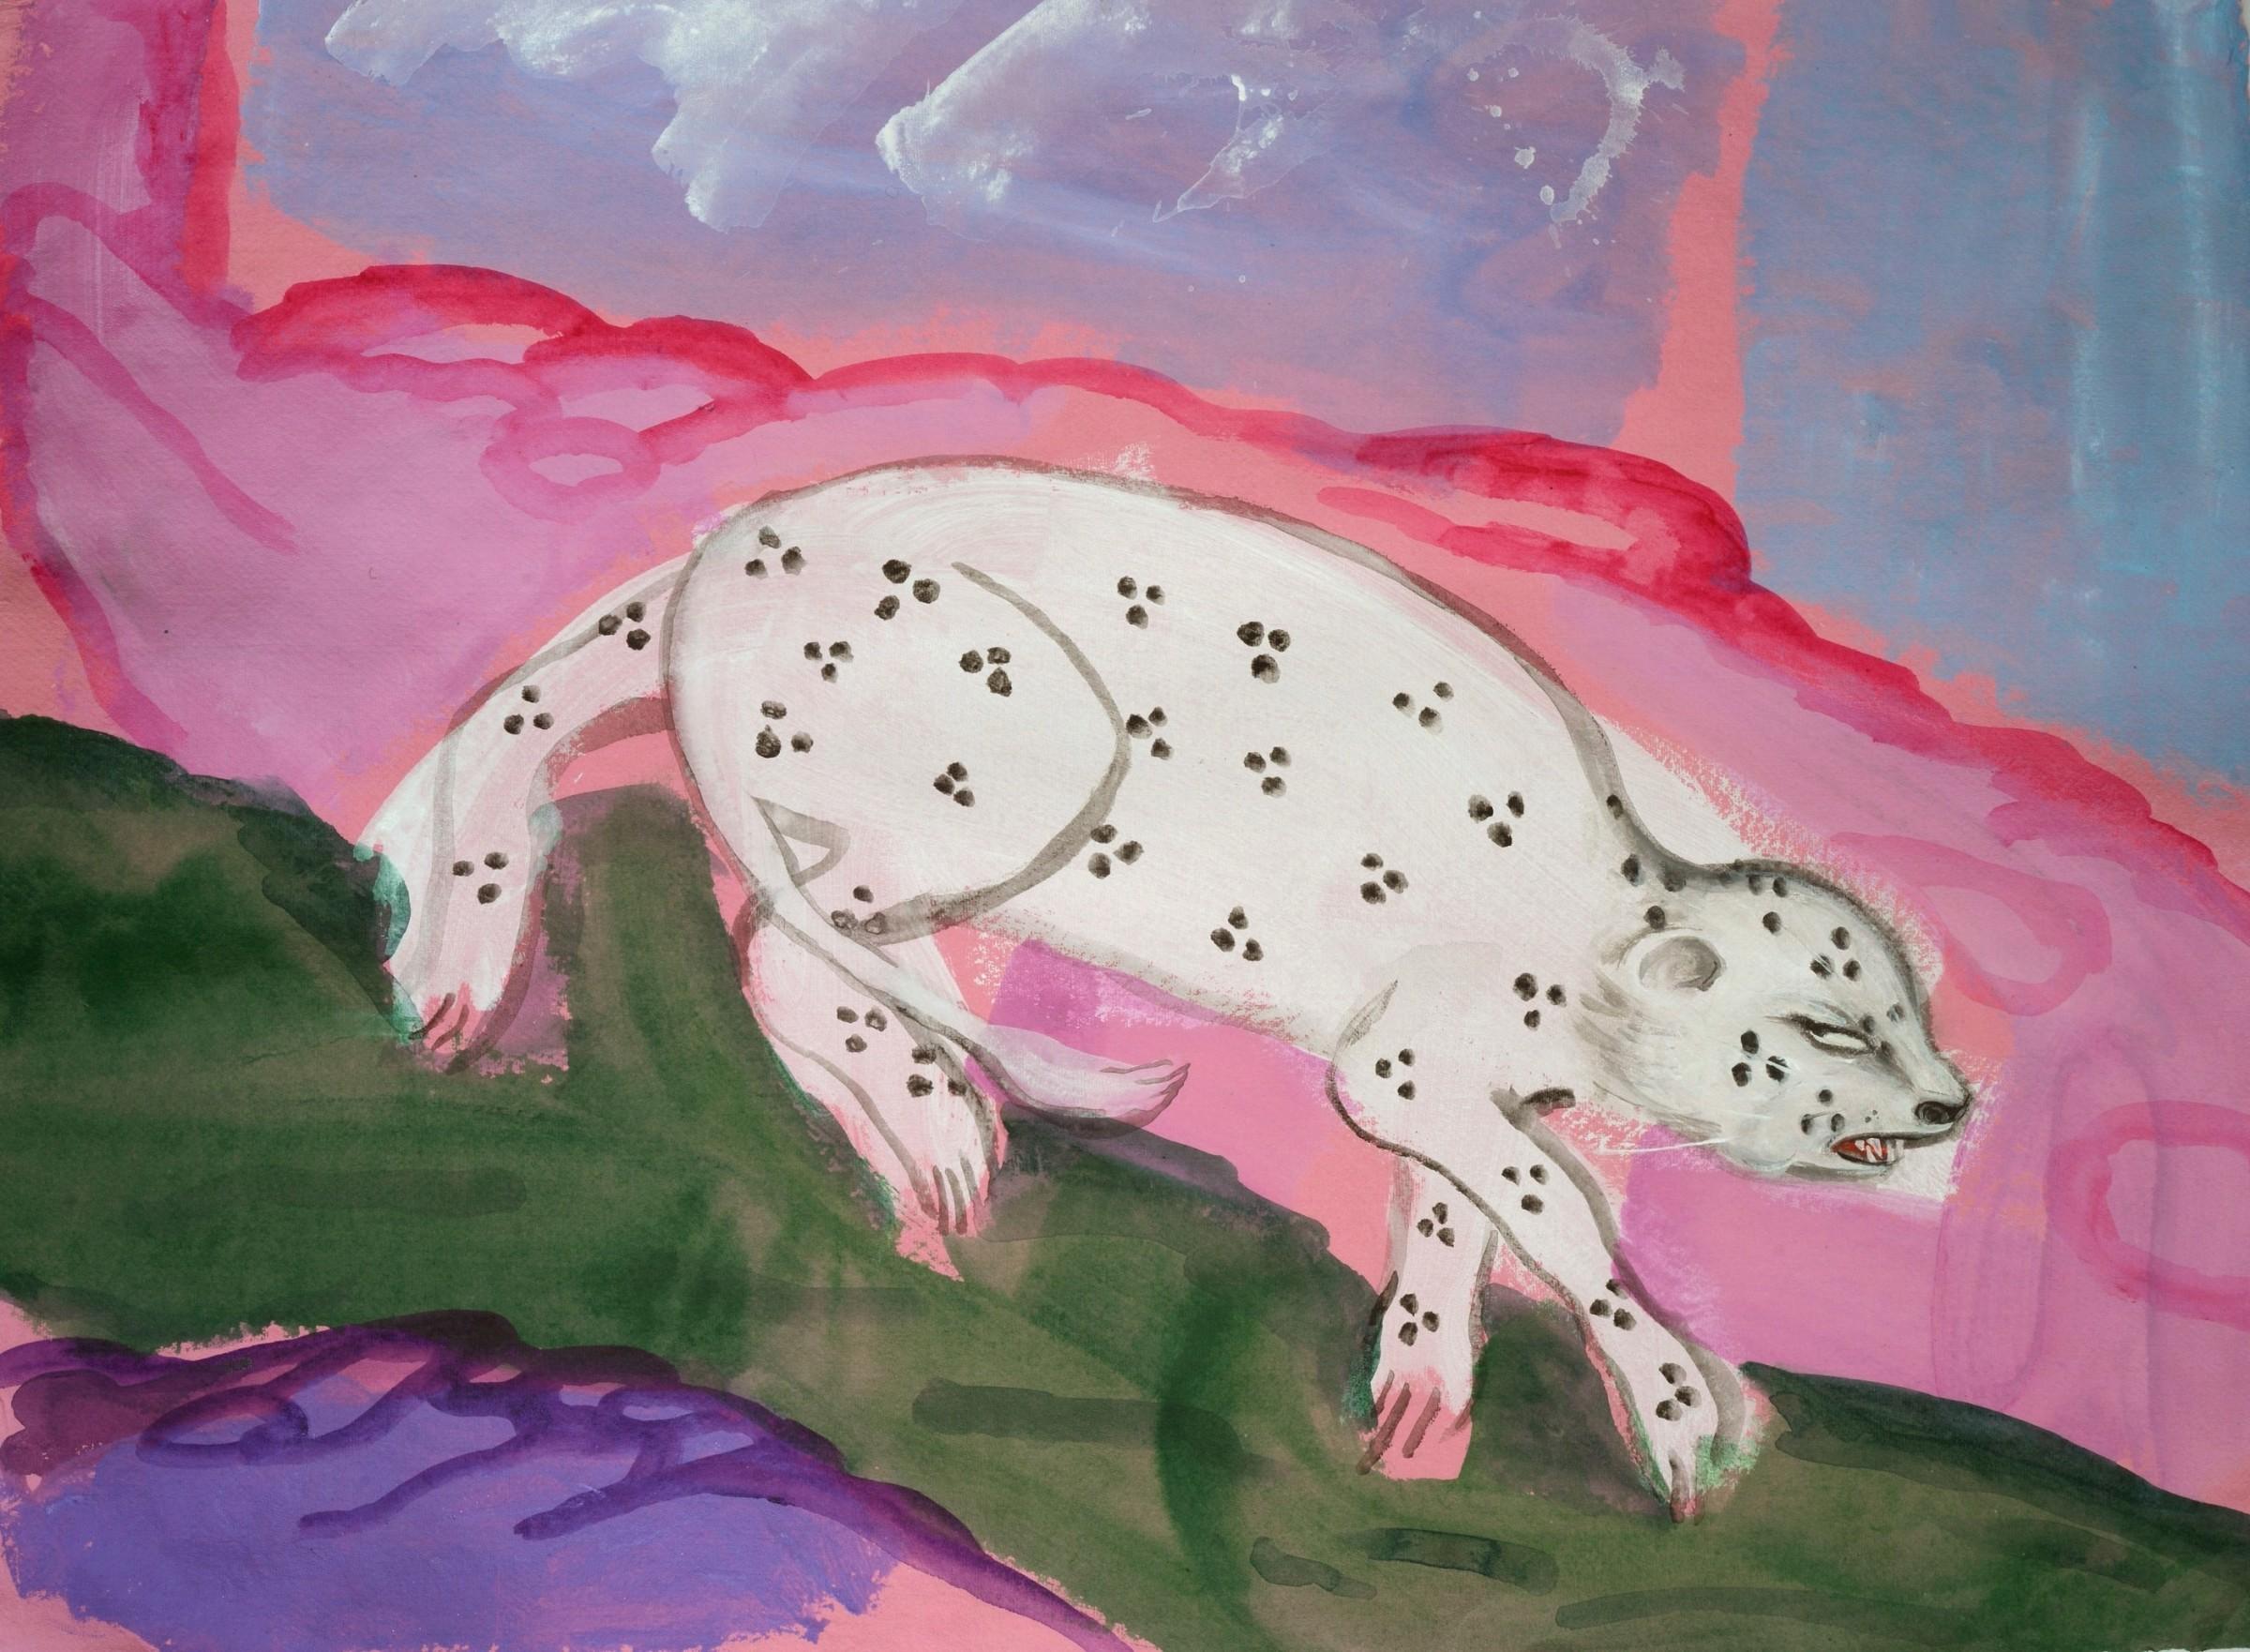 <span class=&#34;link fancybox-details-link&#34;><a href=&#34;/exhibitions/16/works/image_standalone331/&#34;>View Detail Page</a></span><p>Debbie Lee,&#160;<em>Snow Leopard,</em>&#160;&#163;400</p>